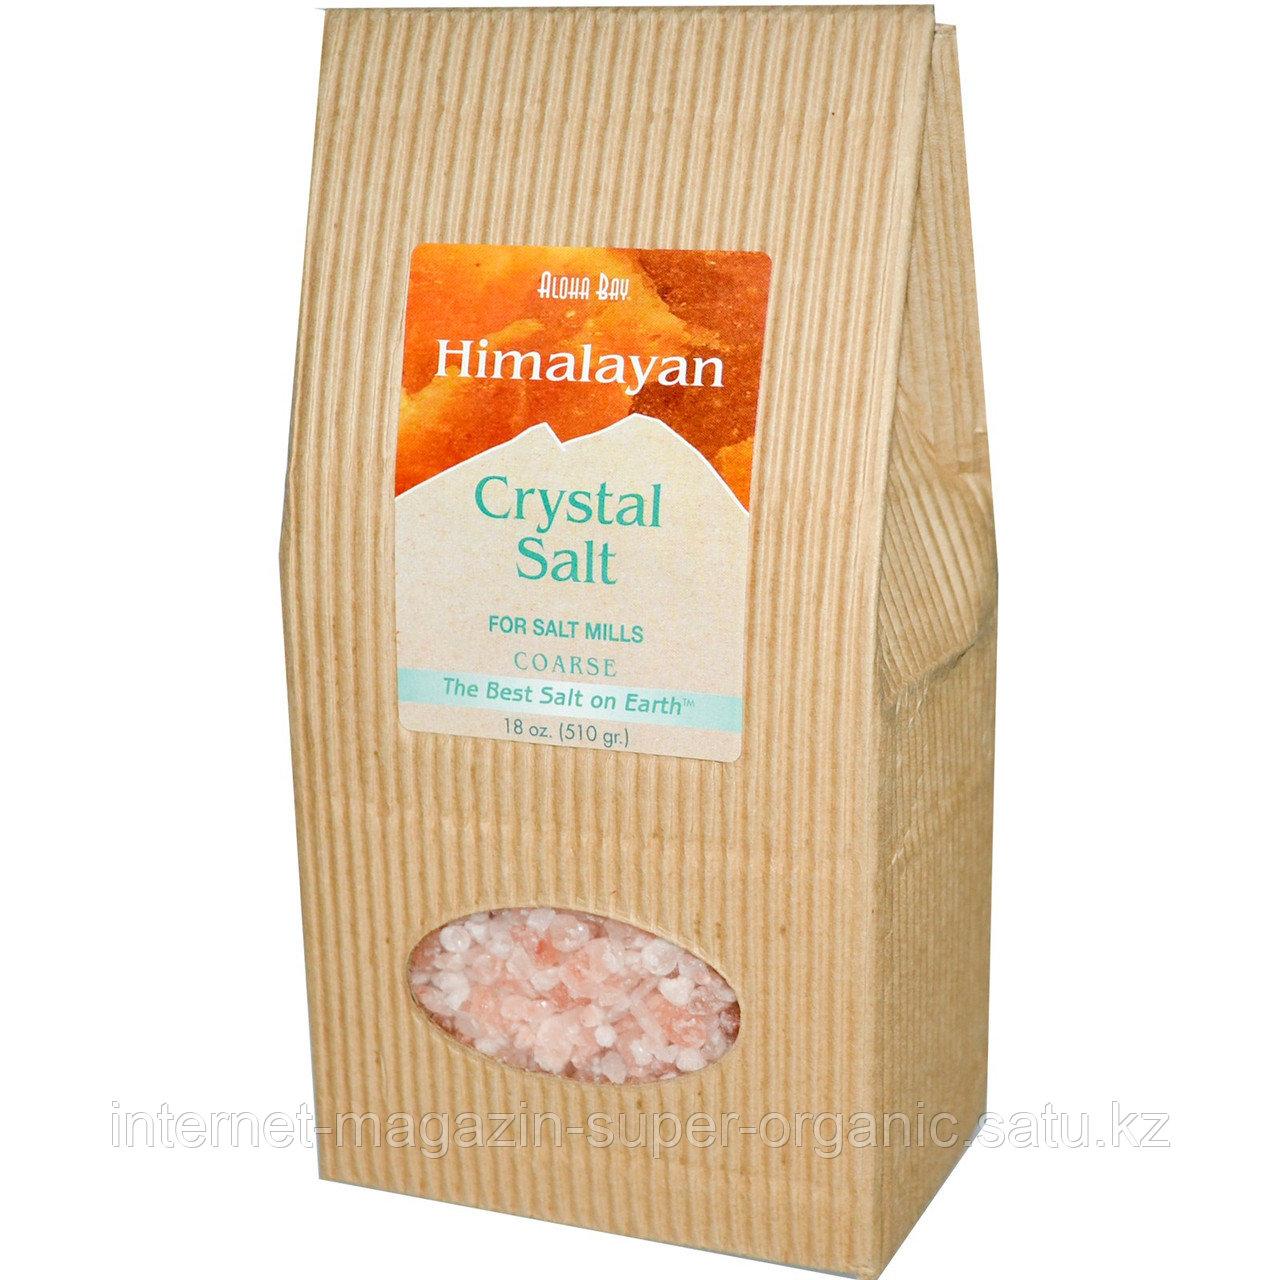 Гималайская розовая соль, 510 гр, крупные кристаллы (крупная), Himalayan Salt